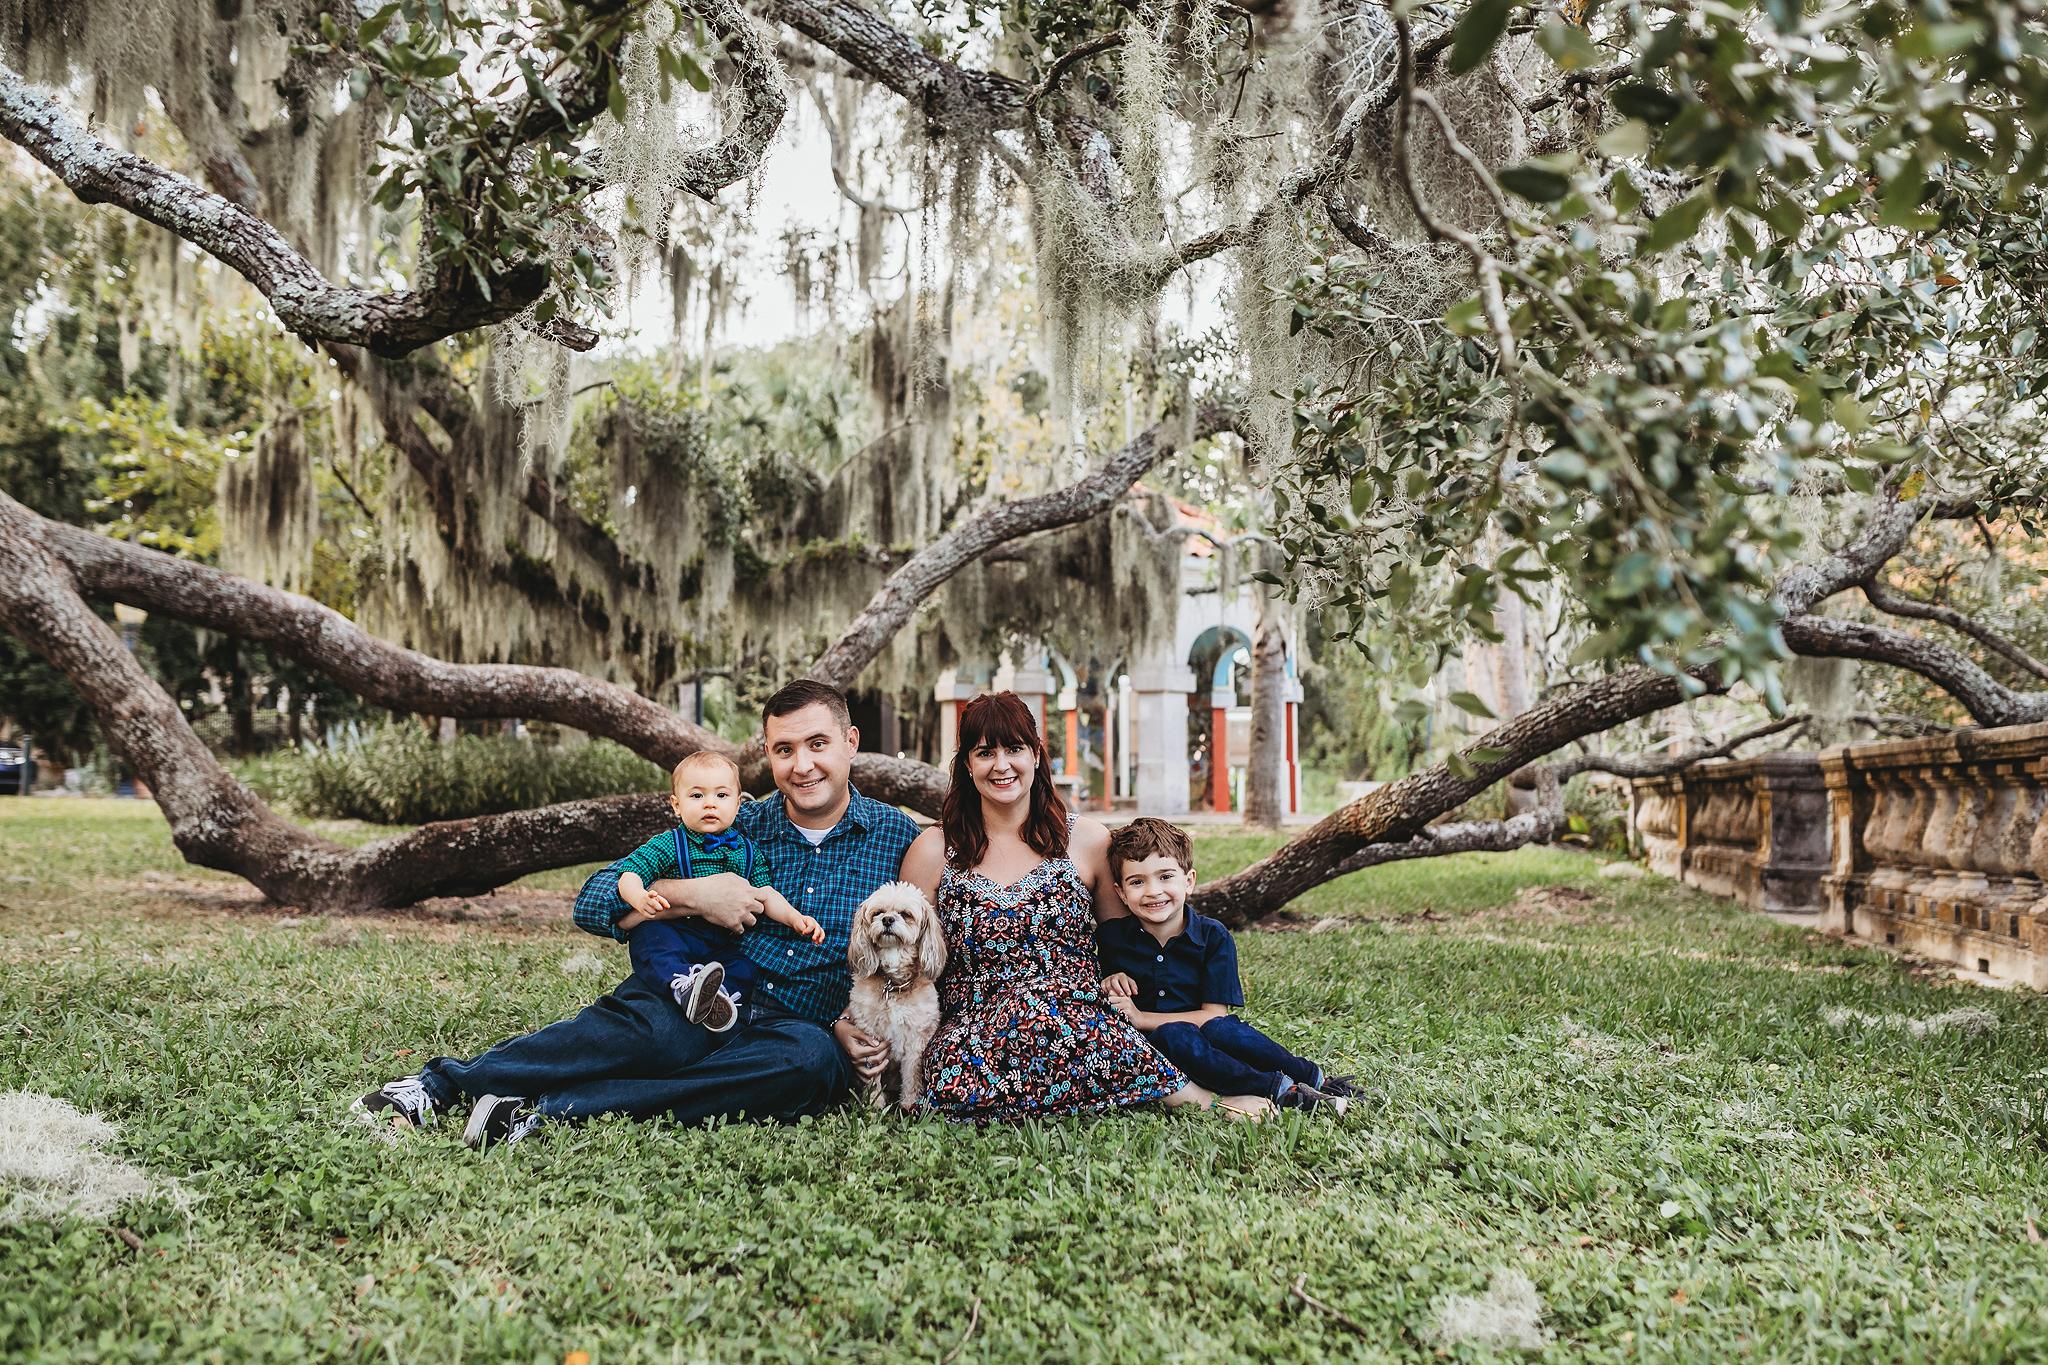 Moms Park Riverside Jacksonville Florida Family Photographer